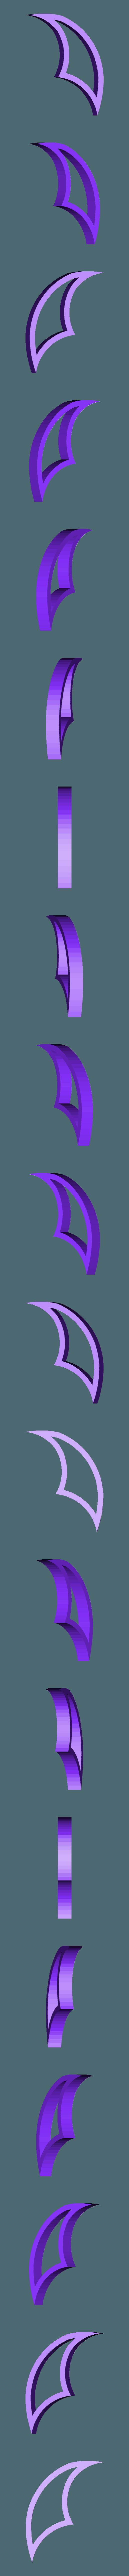 1_right_heart_rose.stl Télécharger fichier STL gratuit Coeur de Quilling imprimé en 3D • Modèle pour impression 3D, TanyaAkinora